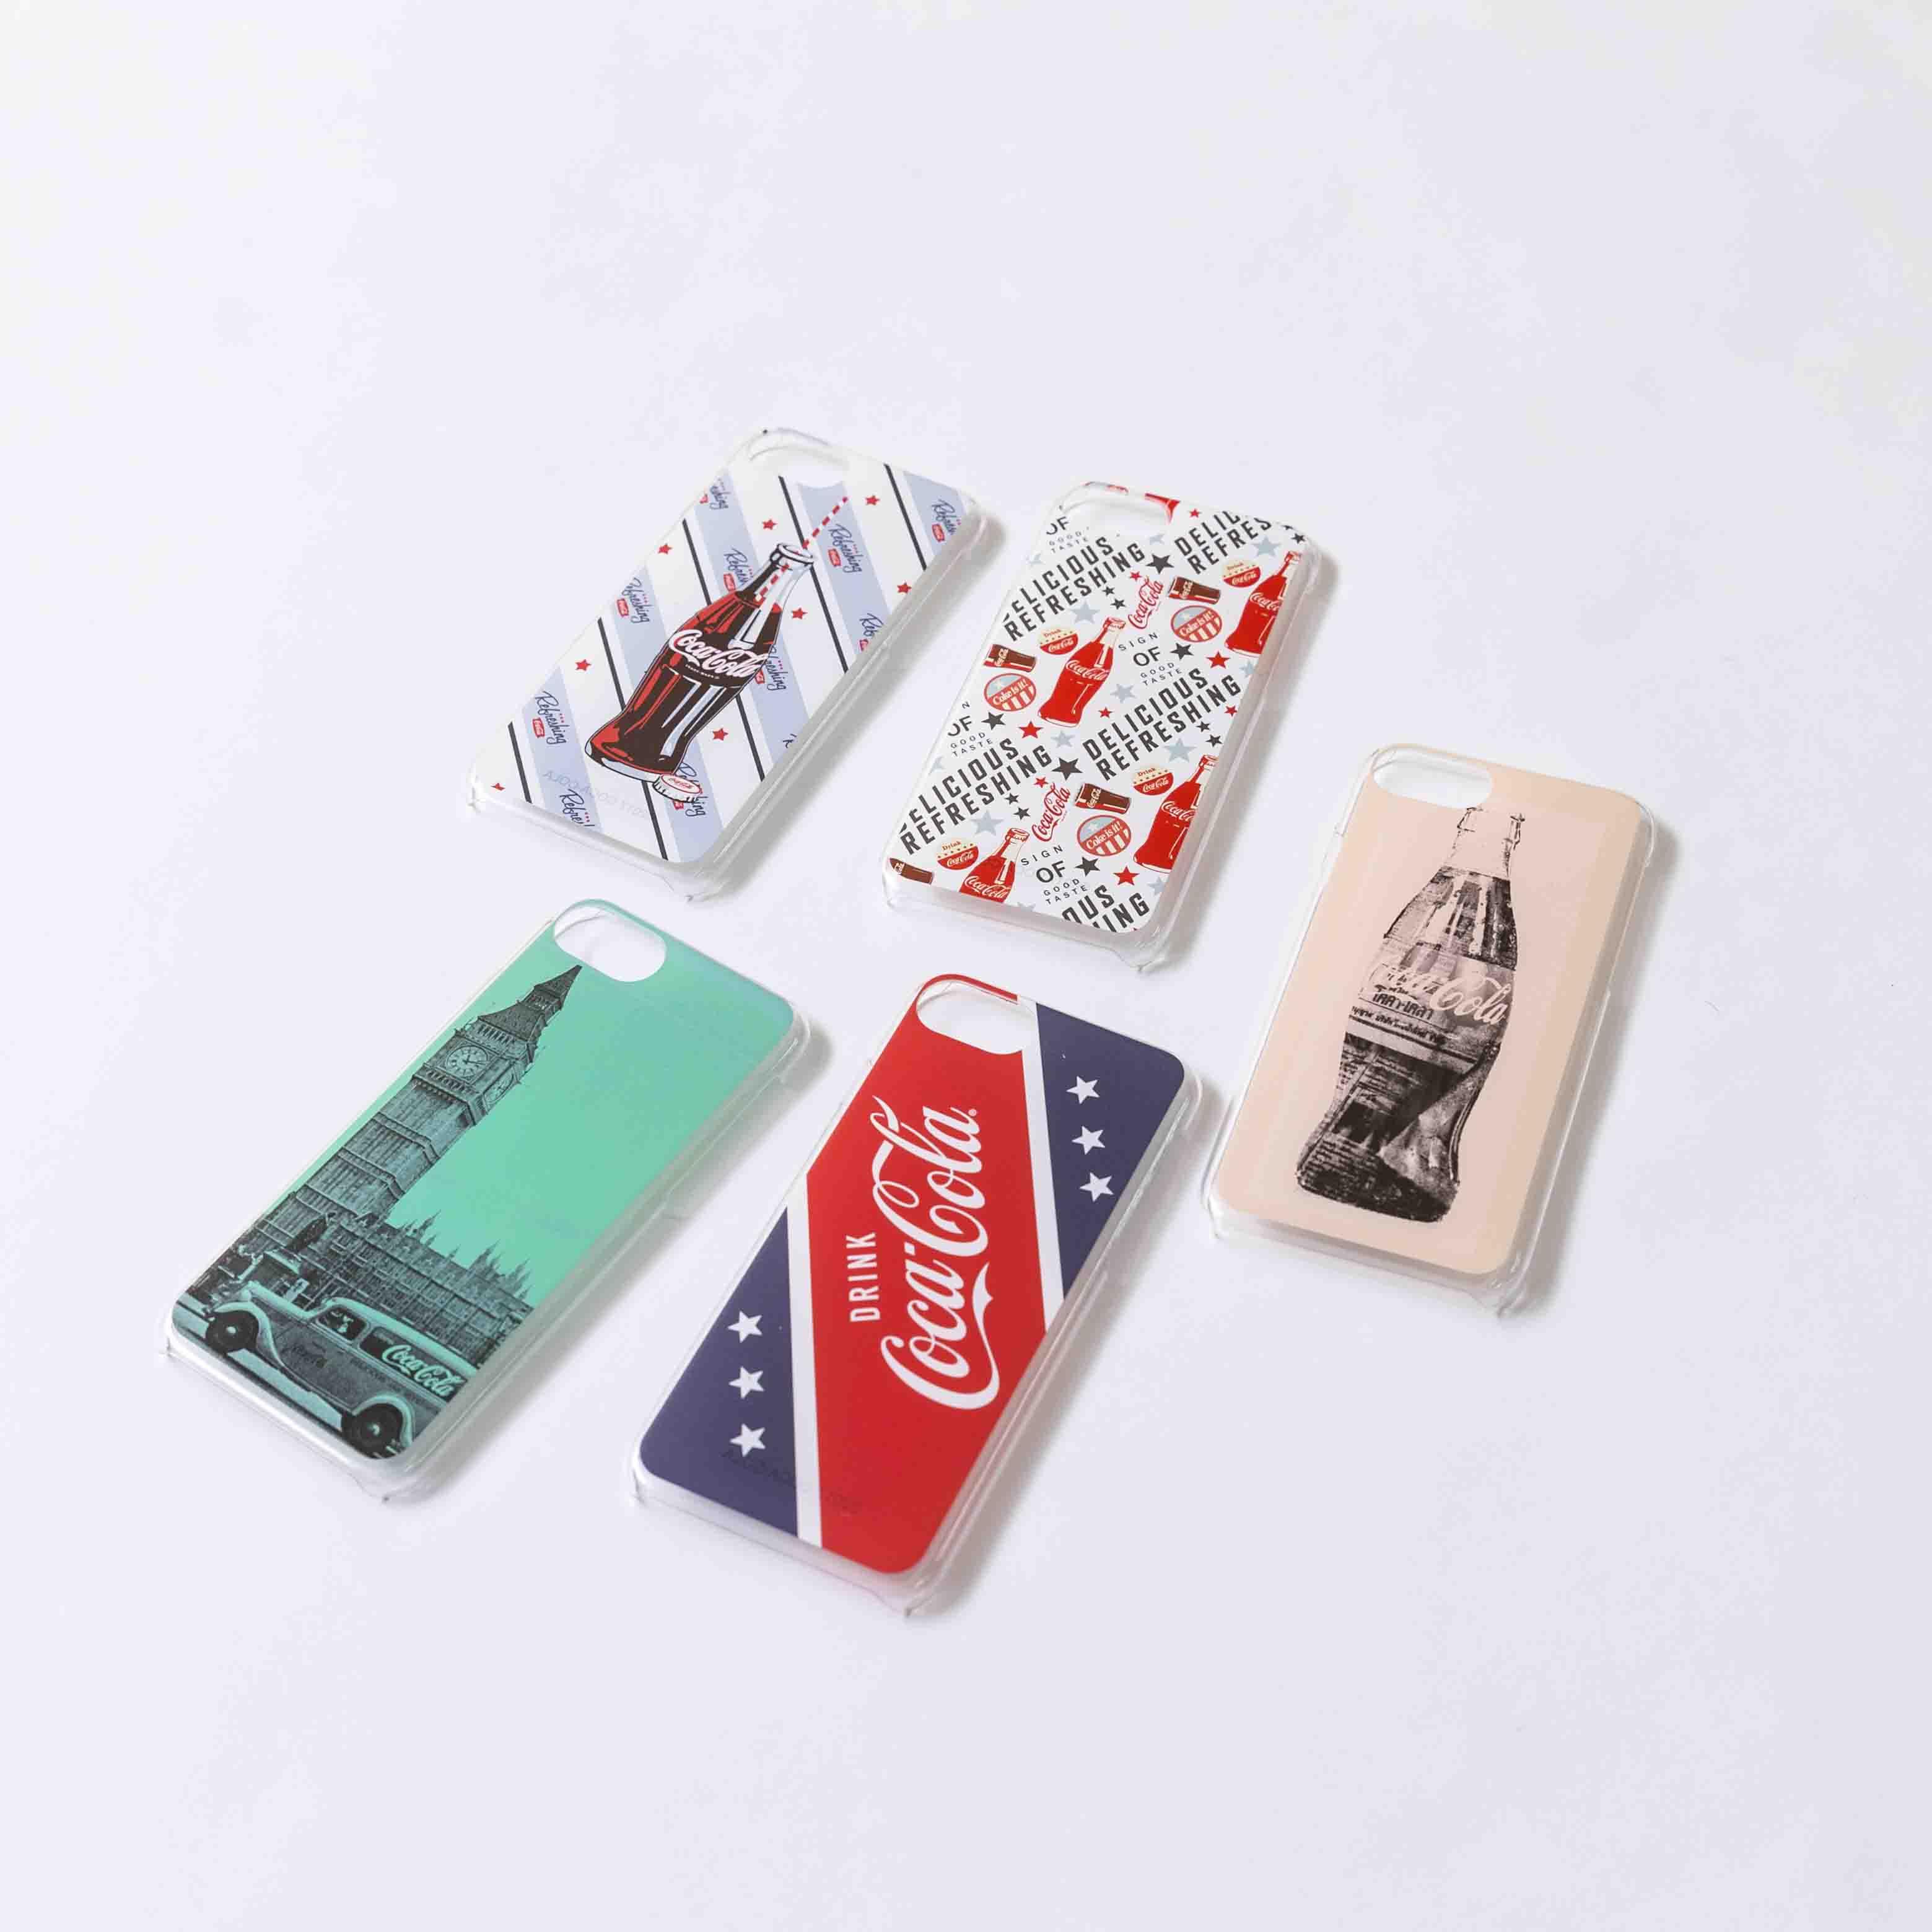 『コカ・コーラ』×ラフォーレ原宿のコラボ商品が発売!♡